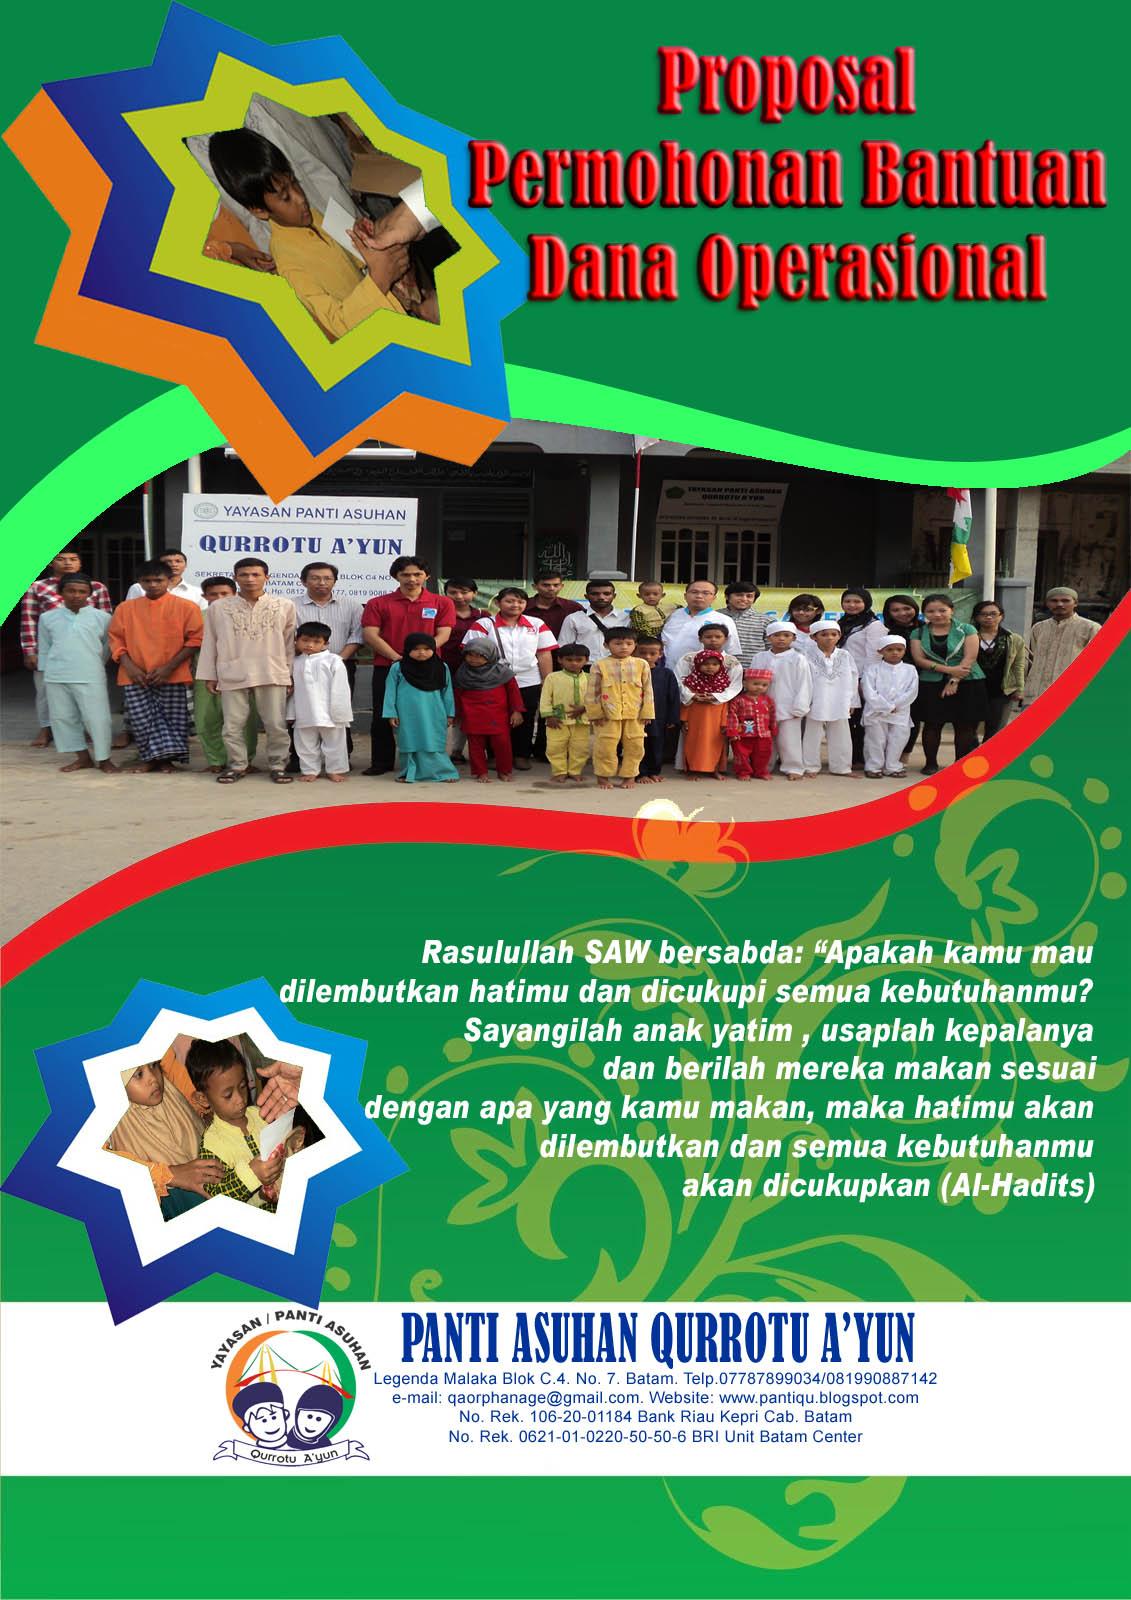 Panti Asuhan Qurrotu A Yun Contoh Contoh Cover Proposal